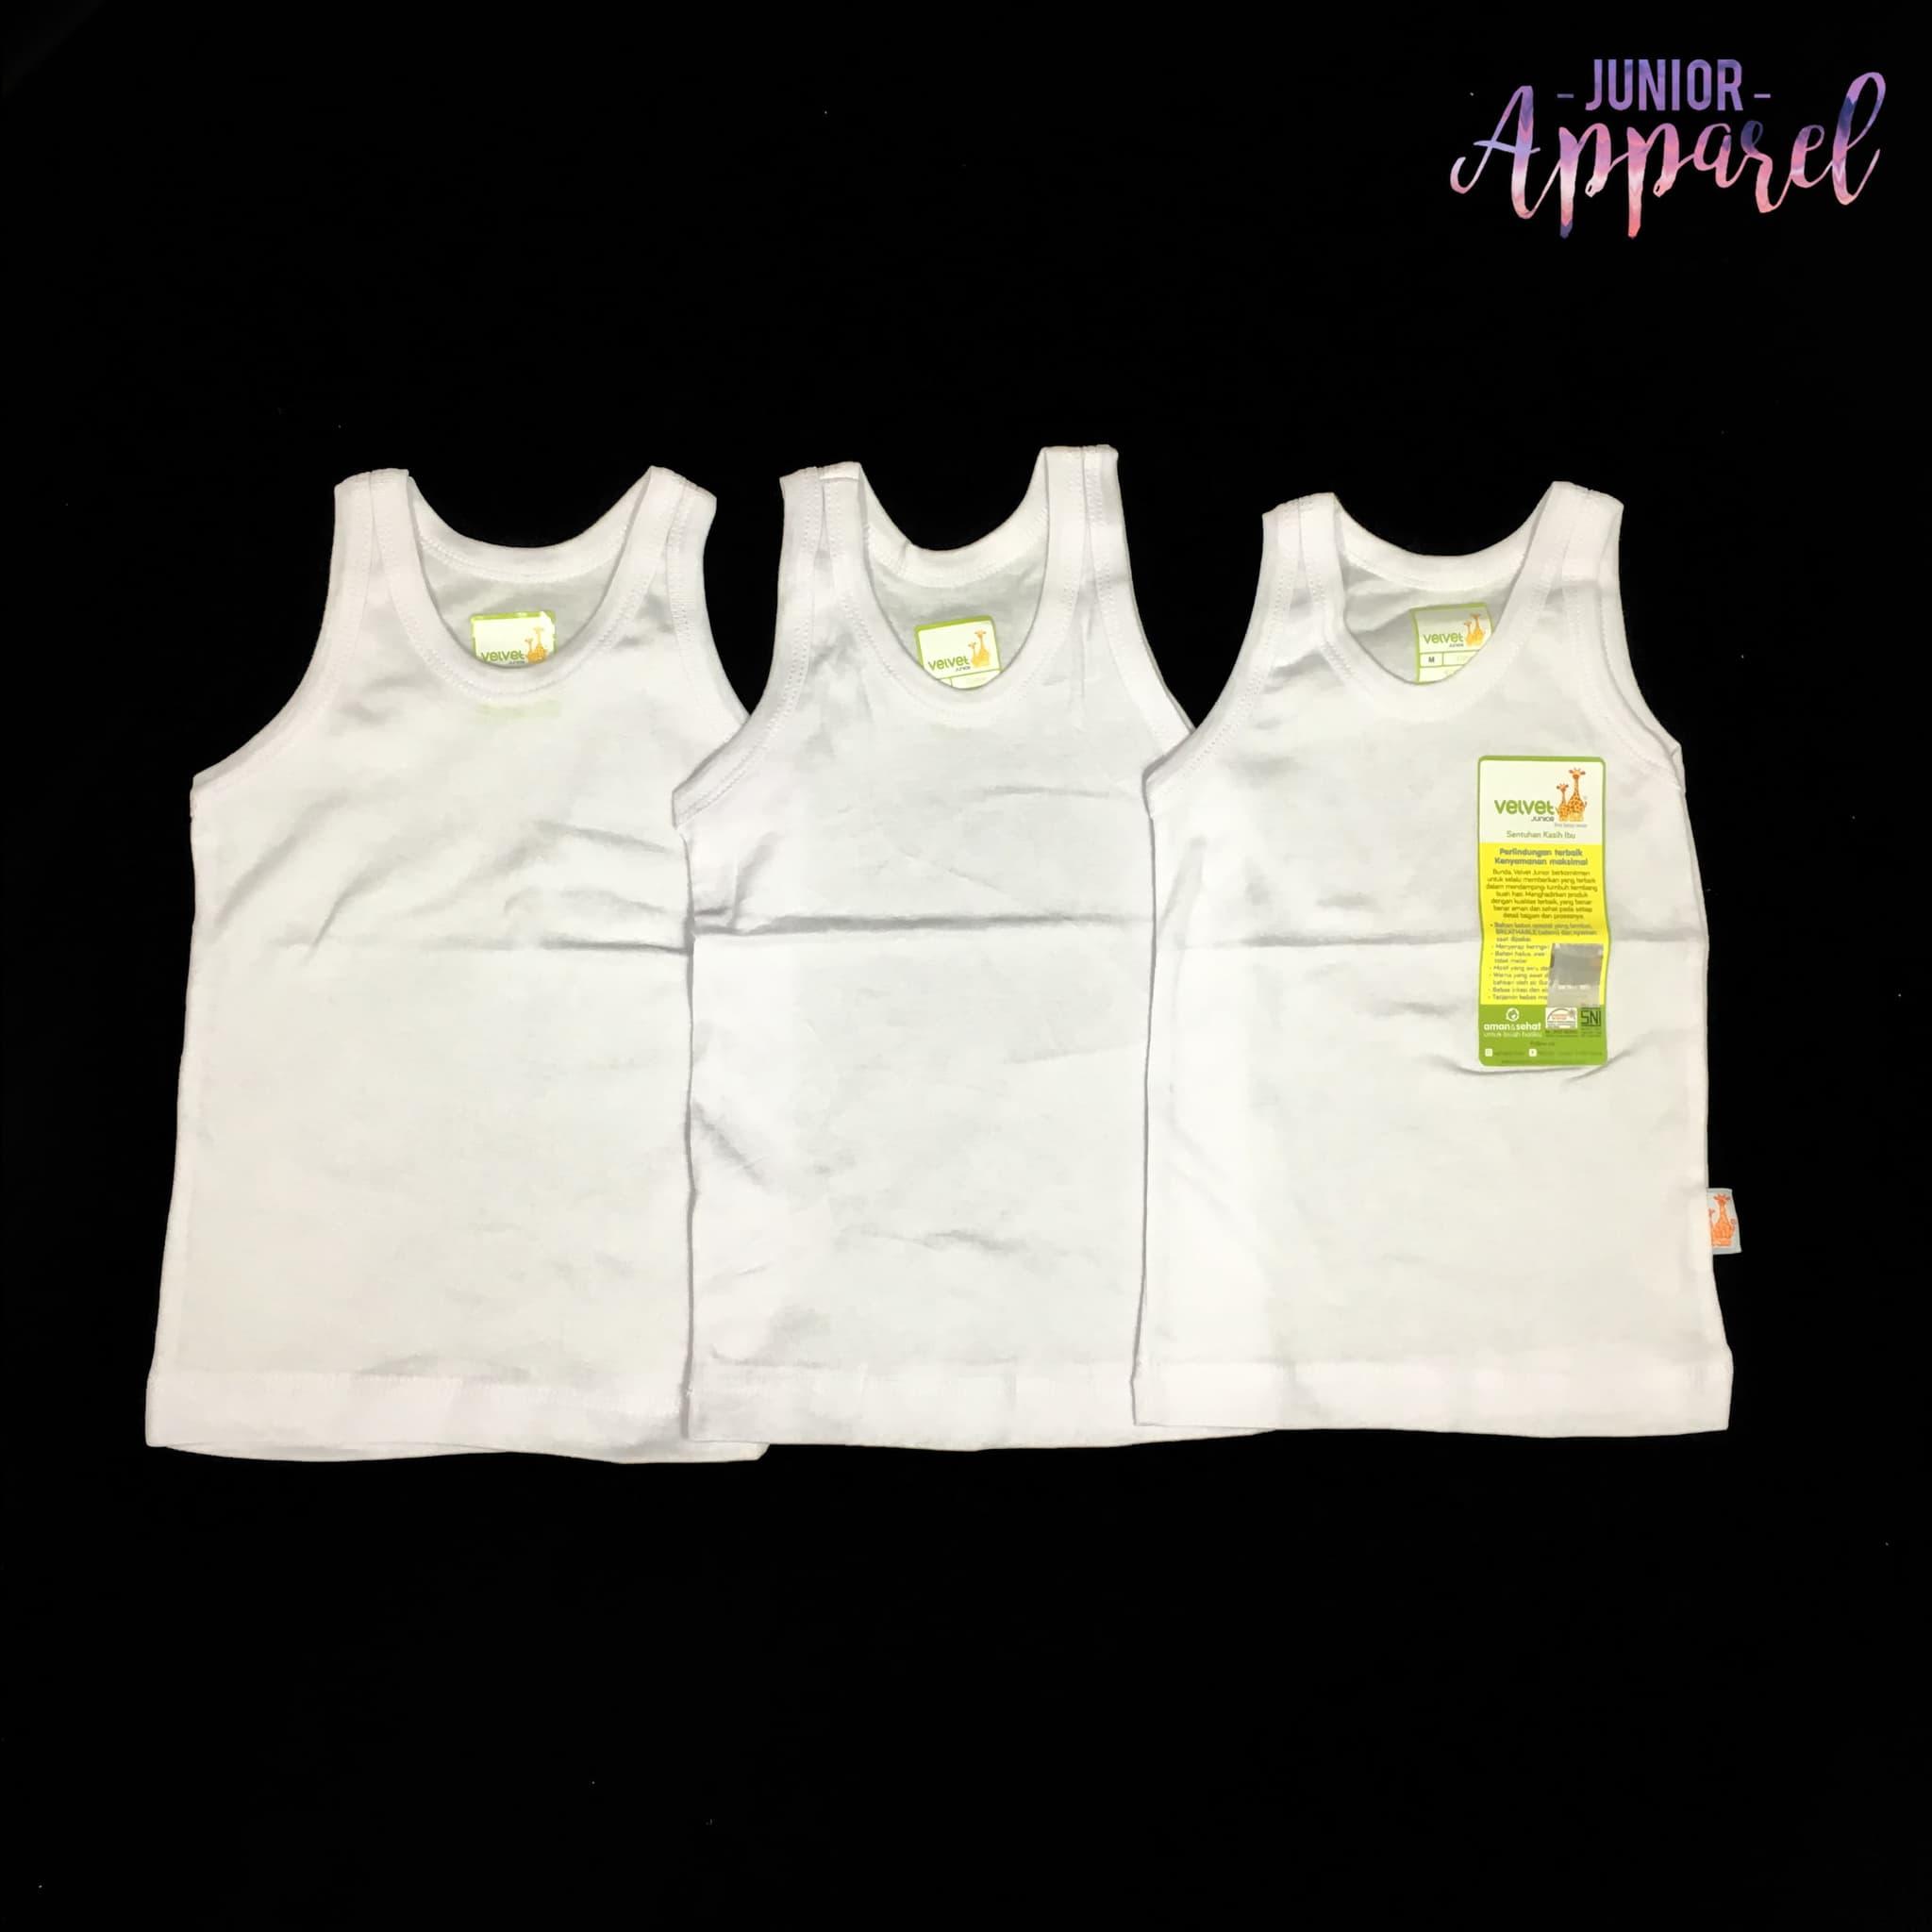 Jual Velvet Junior M 3 Pcs Singlet Bayi Putih Polos Ndal Setelan Baju Bola Terlaris